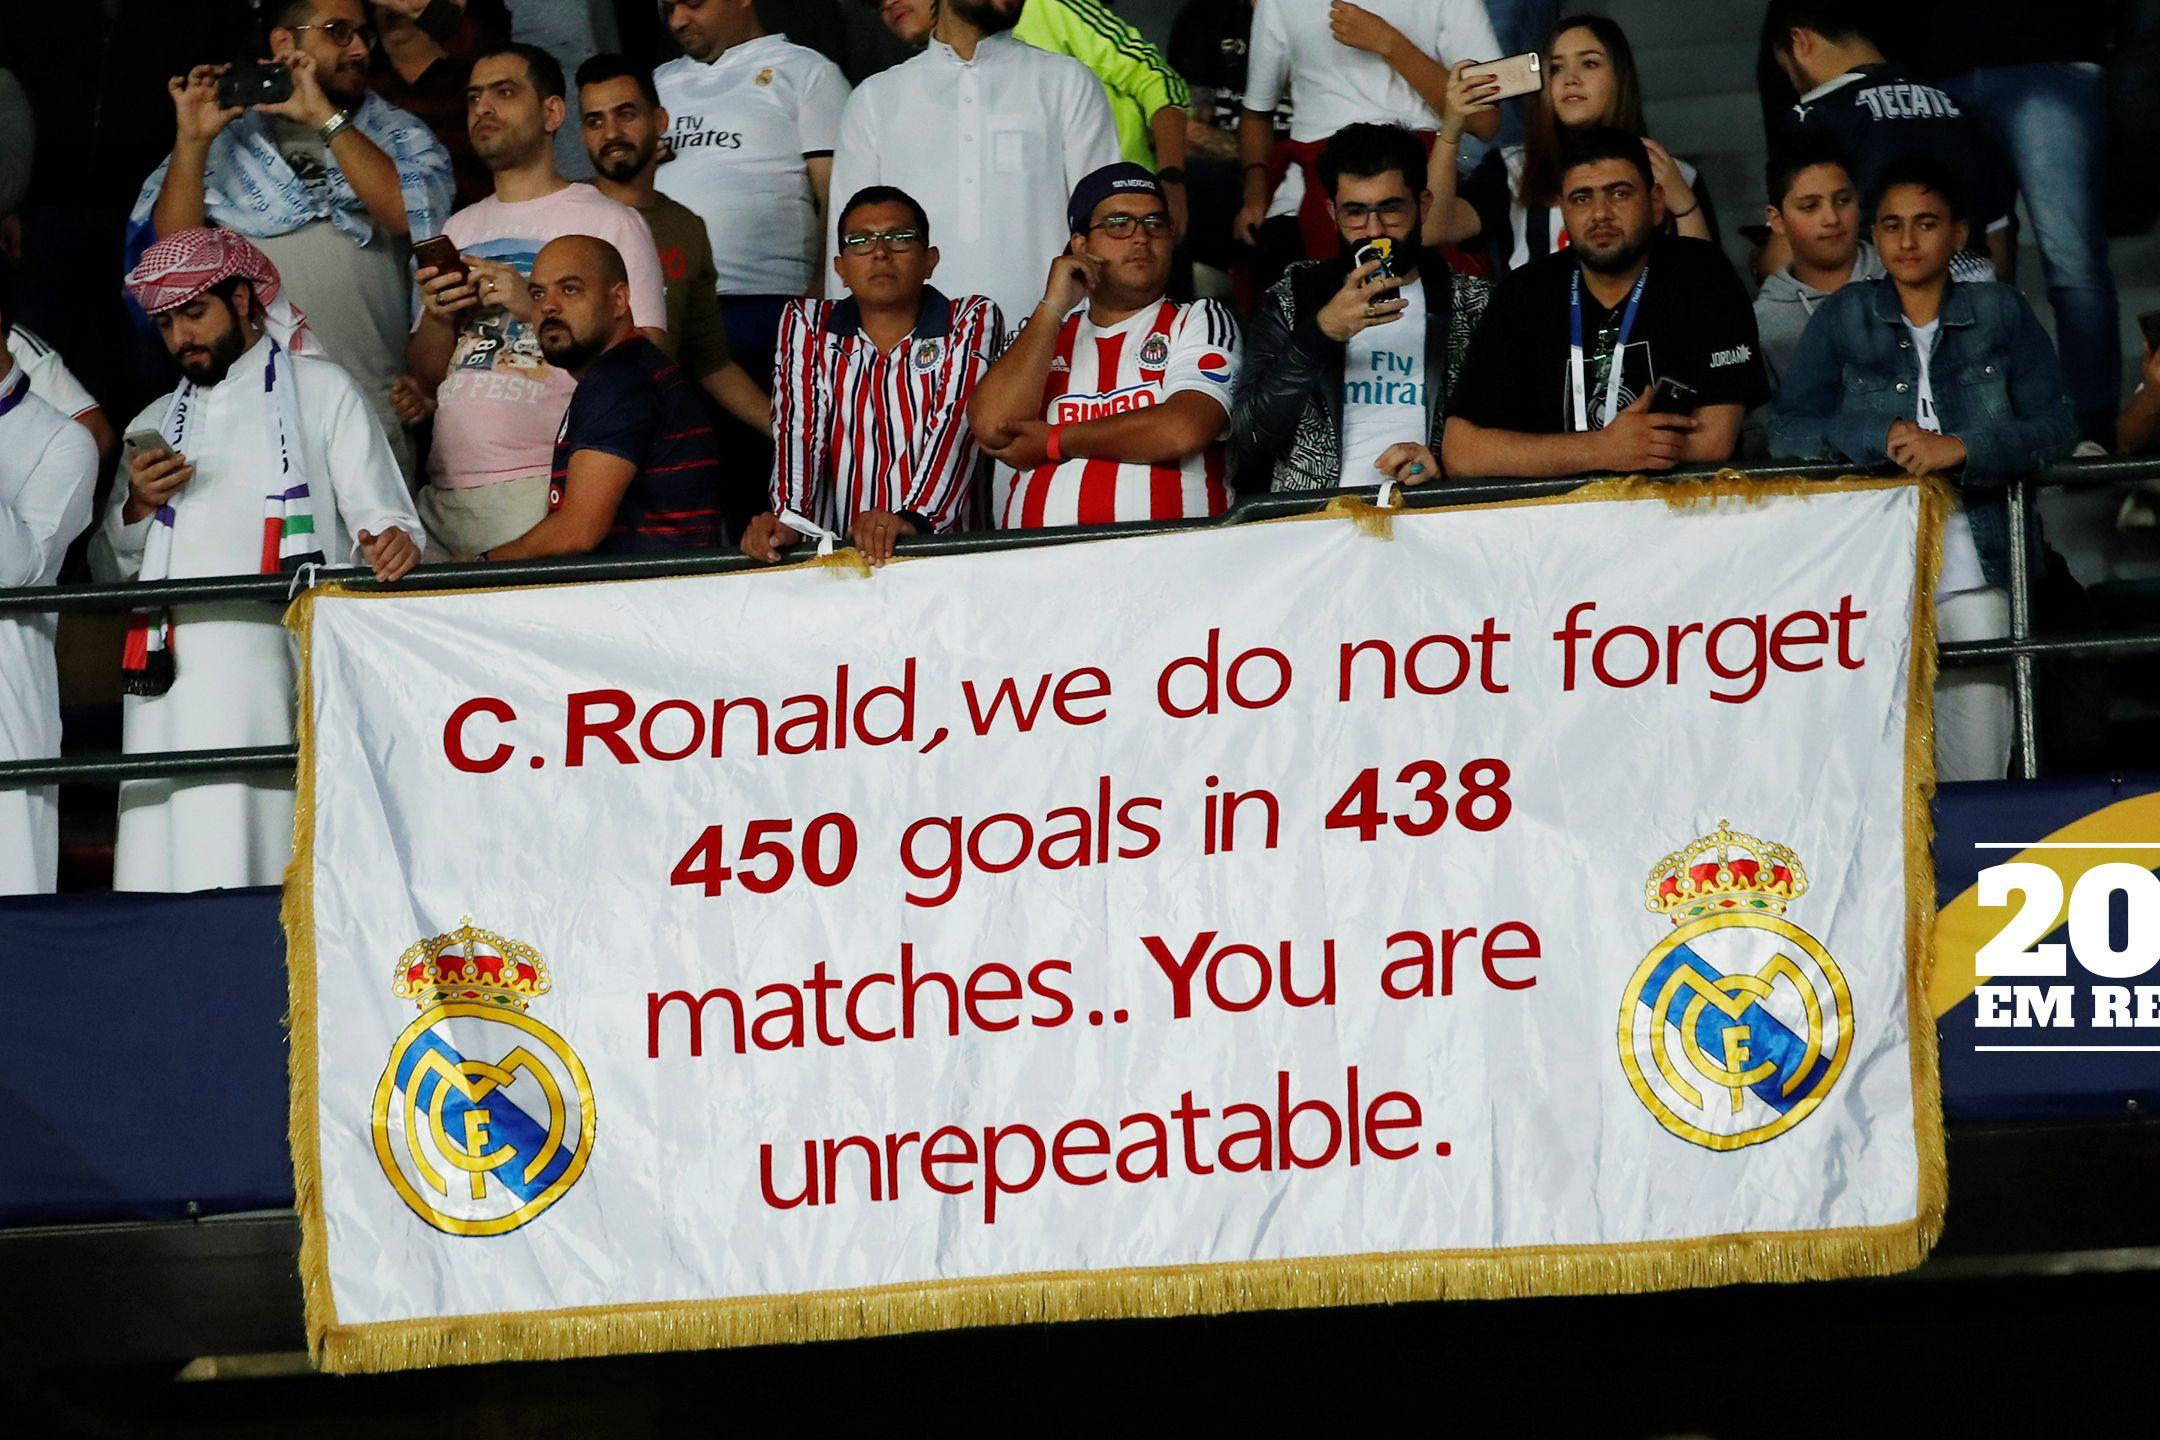 Em nome de CR7, de Mourinho e de Conceição. A 'Trindade' das mais lidas